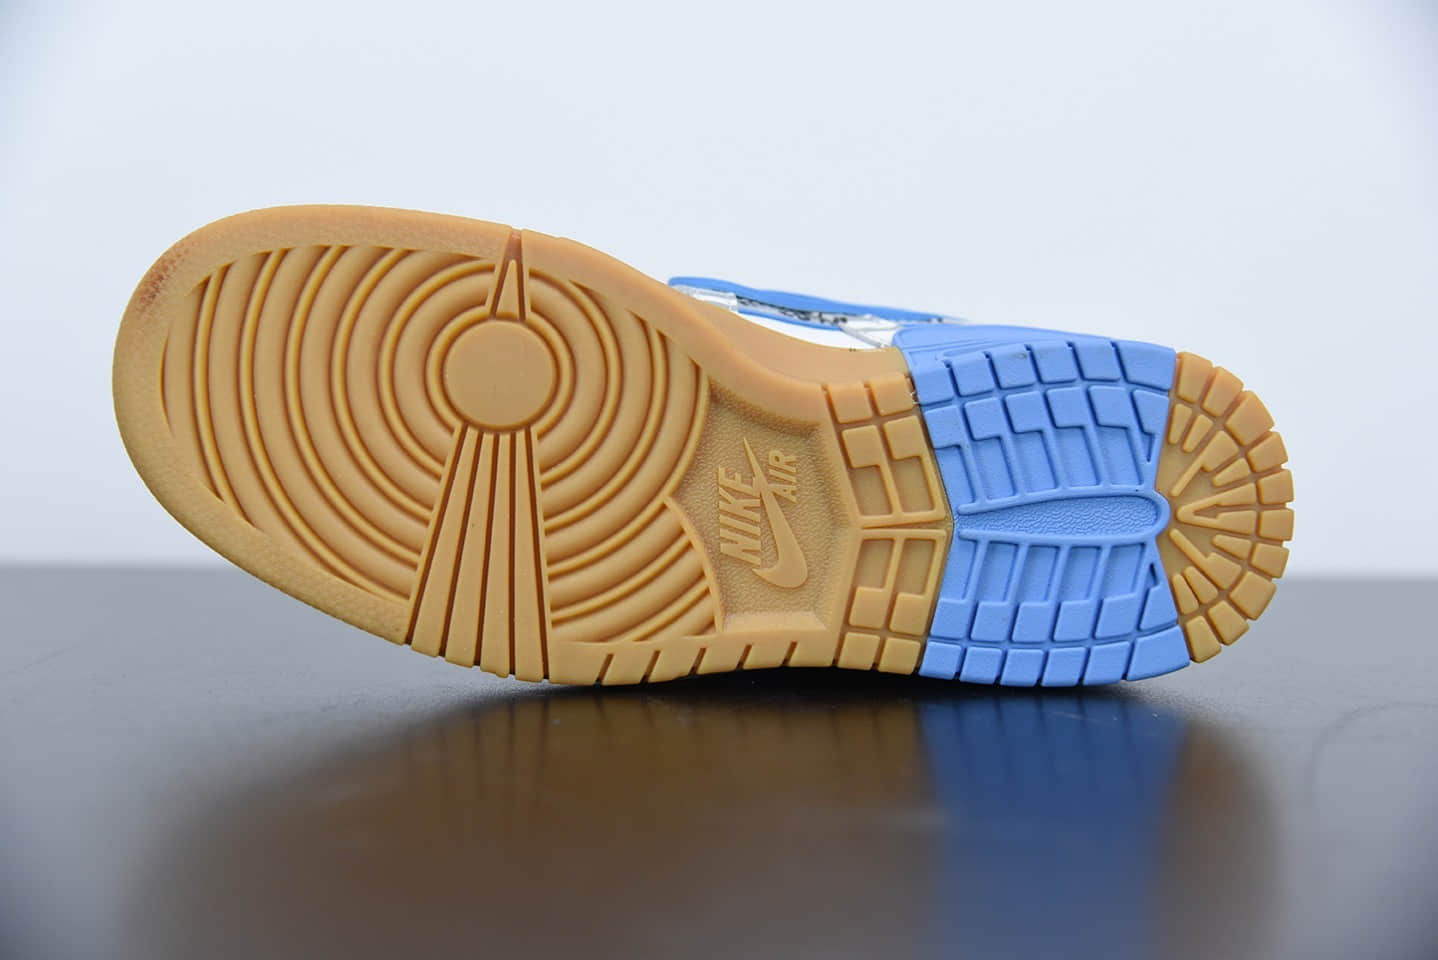 耐克OFF-WHITE x Nike Air Rubber Dunk北卡蓝欧洲限定联名款纯原版本 货号:CU6015-100